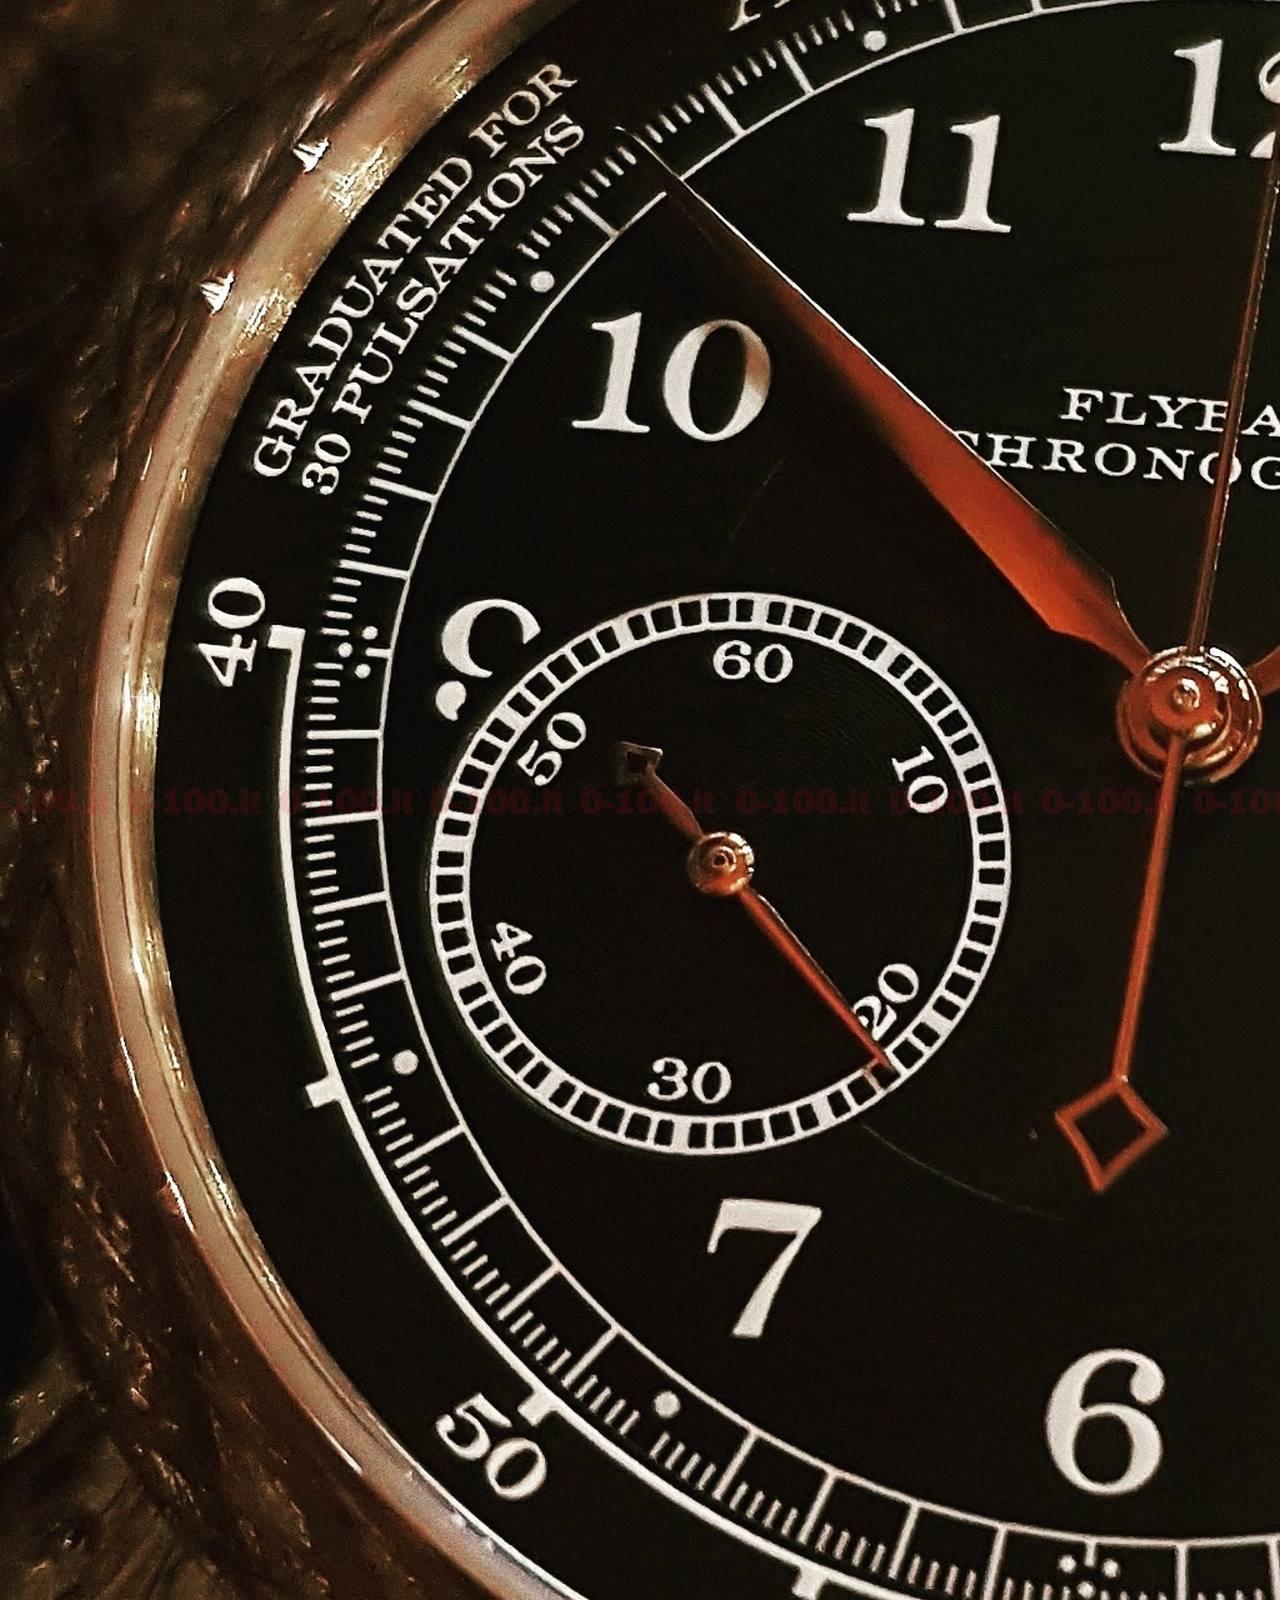 PRIMO CONTATTO A. Lange & Söhne 1815 cronografo_prezzo_price_0-1004